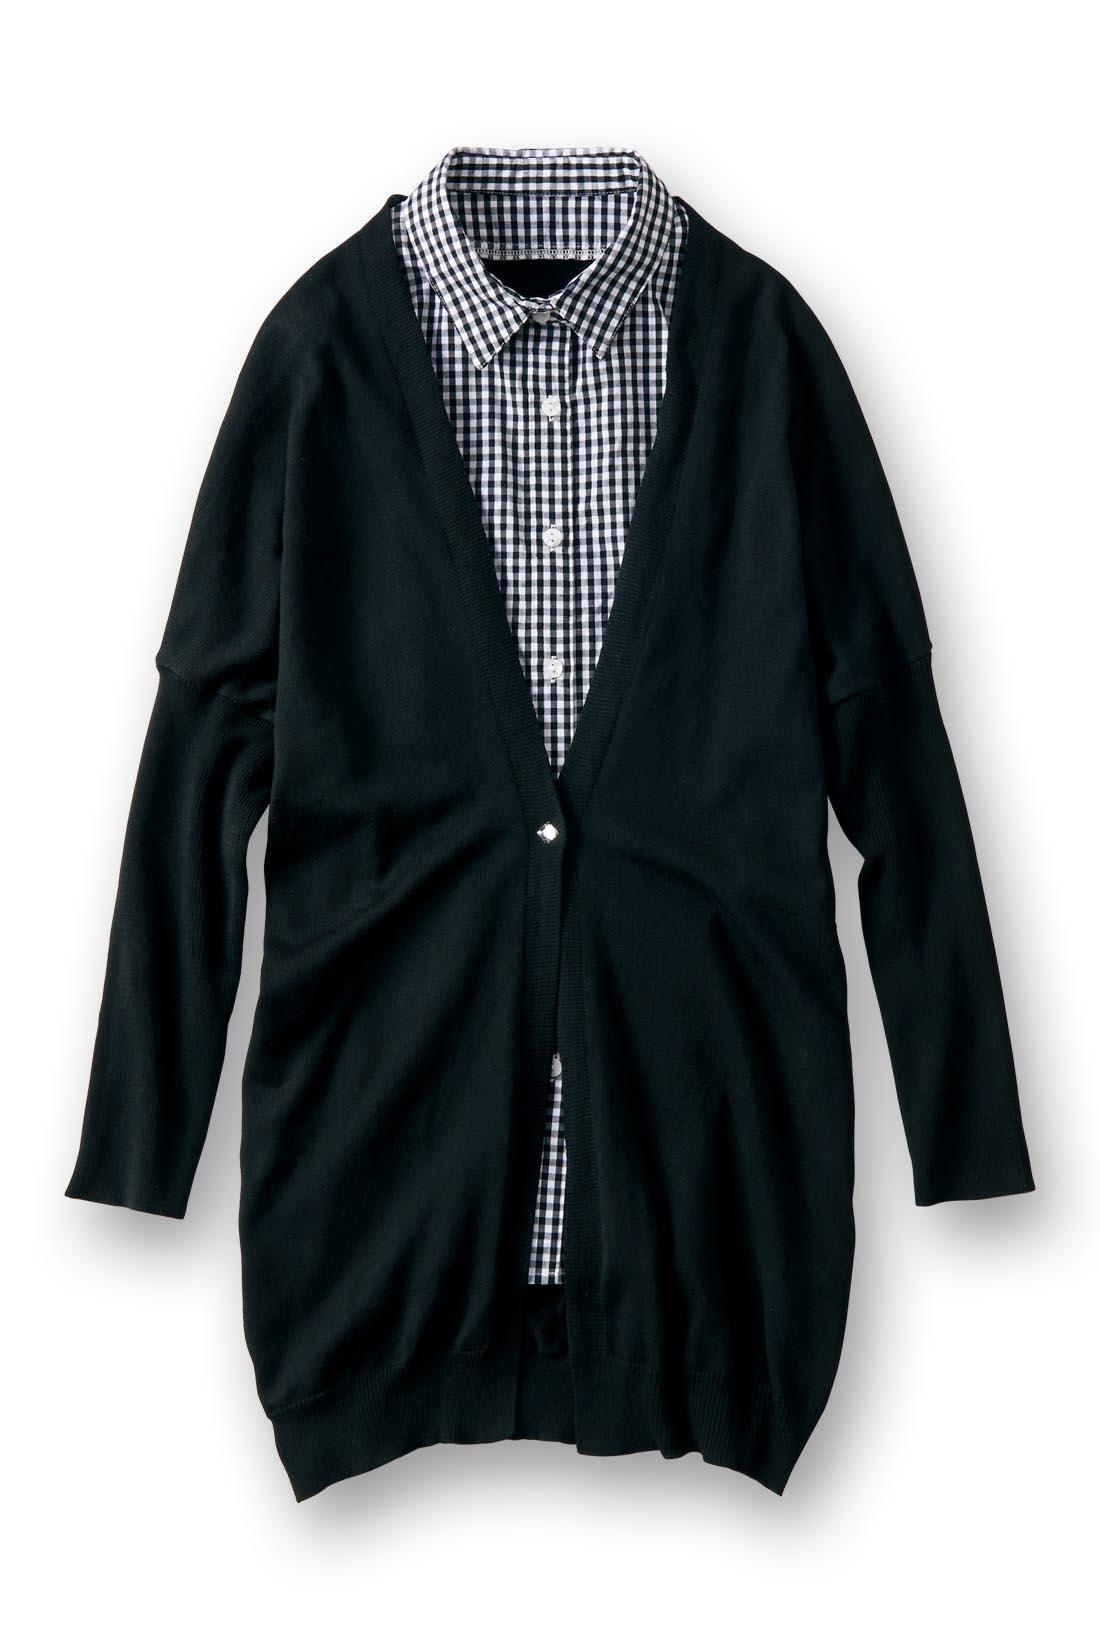 大人かわいい着こなしがキマる〈ブラック〉ドルマンシルエットで肩まわりスッキリ。